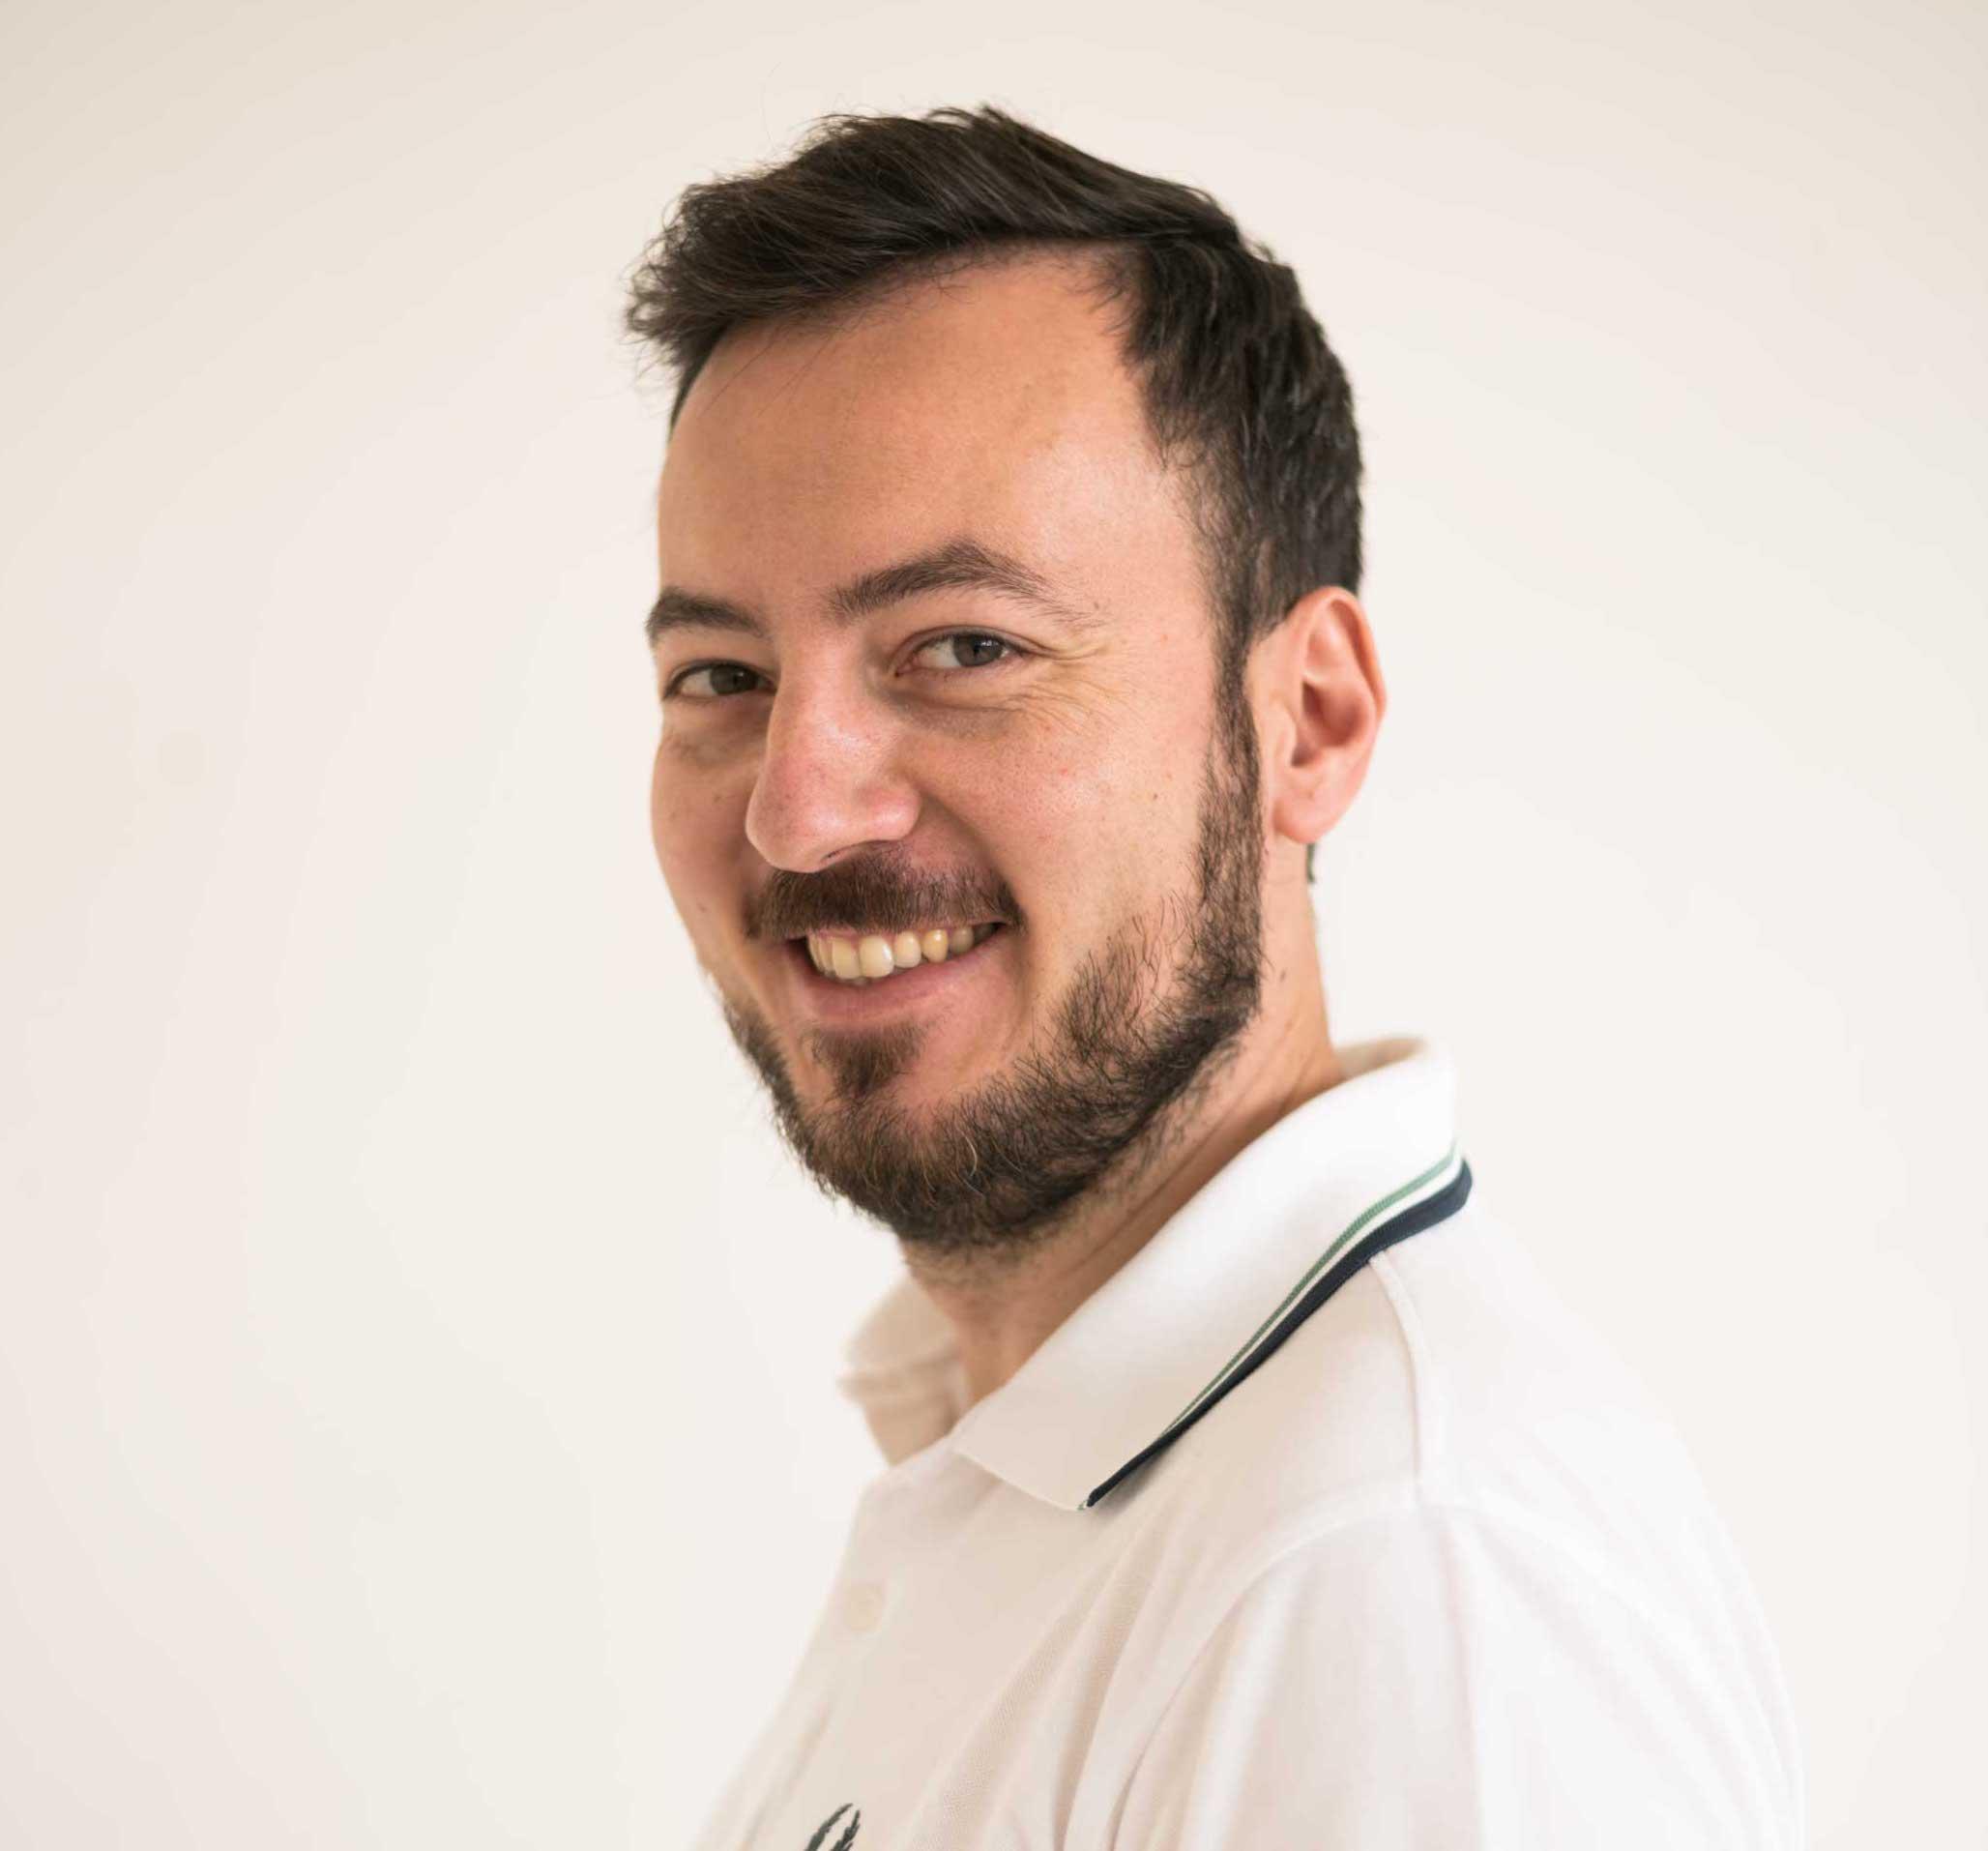 Marco Spironello